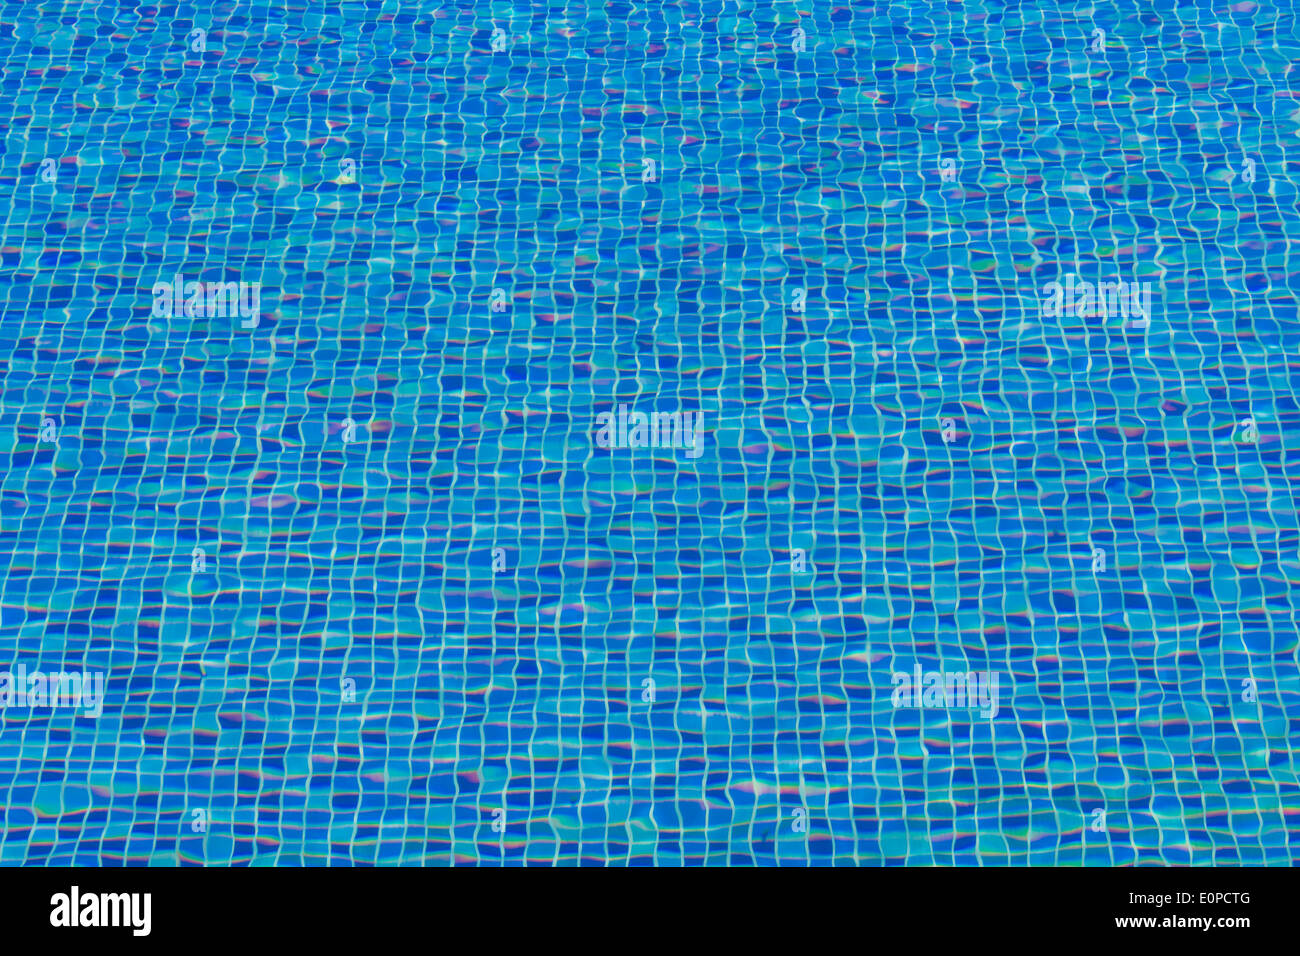 Piastrella ceramica mosaico in piscina seamless texture foto